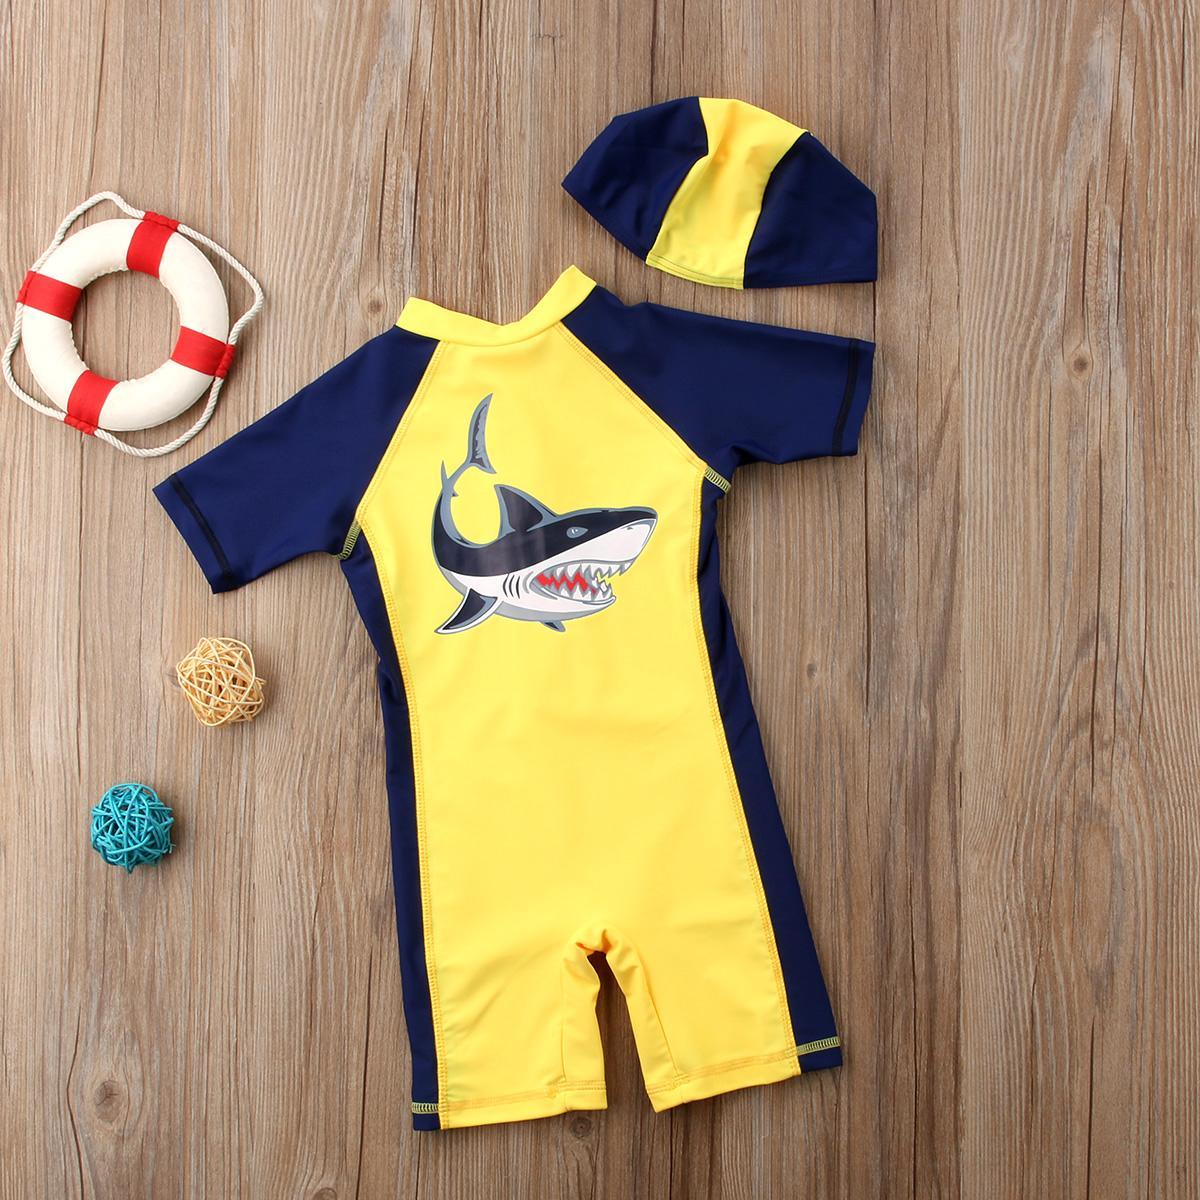 UK Cute Baby Kid Boy Shark Beach Swimwear Swimsuit Swimming Costume+Hat Set 1-6T